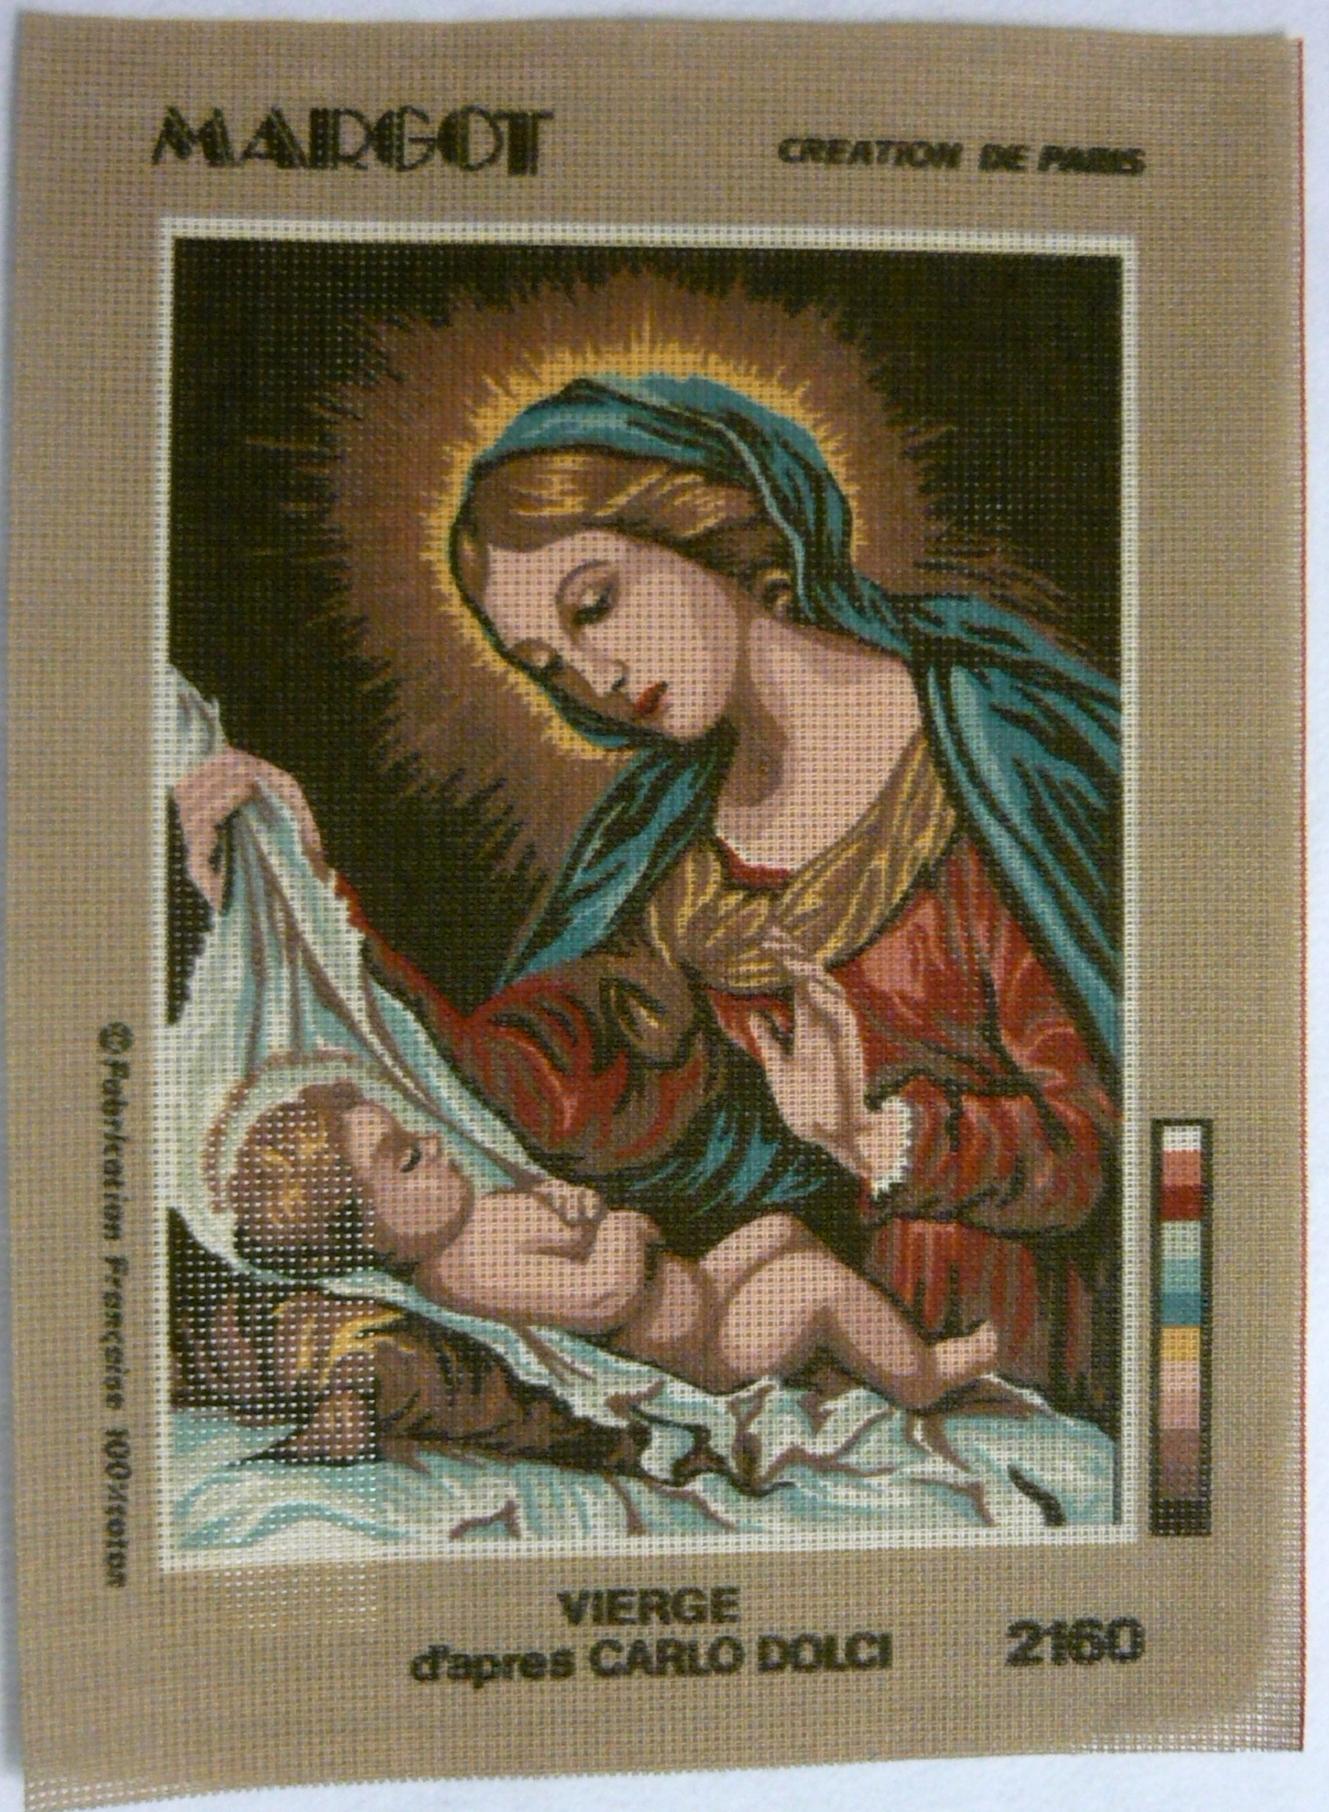 Vierge - Carlo Dolci